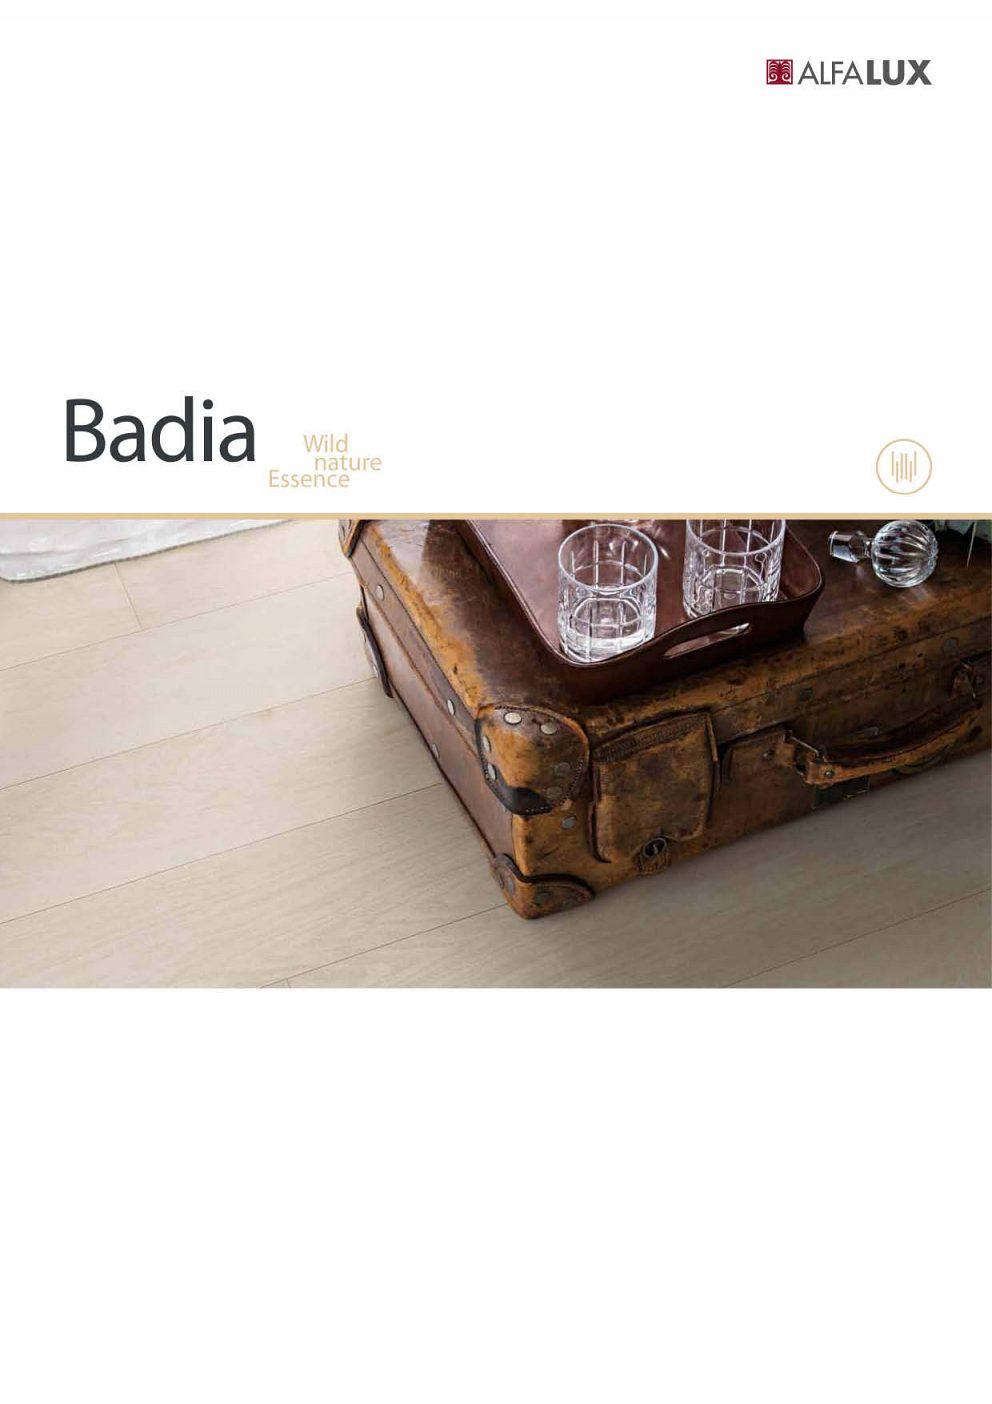 Alfalux - Badia